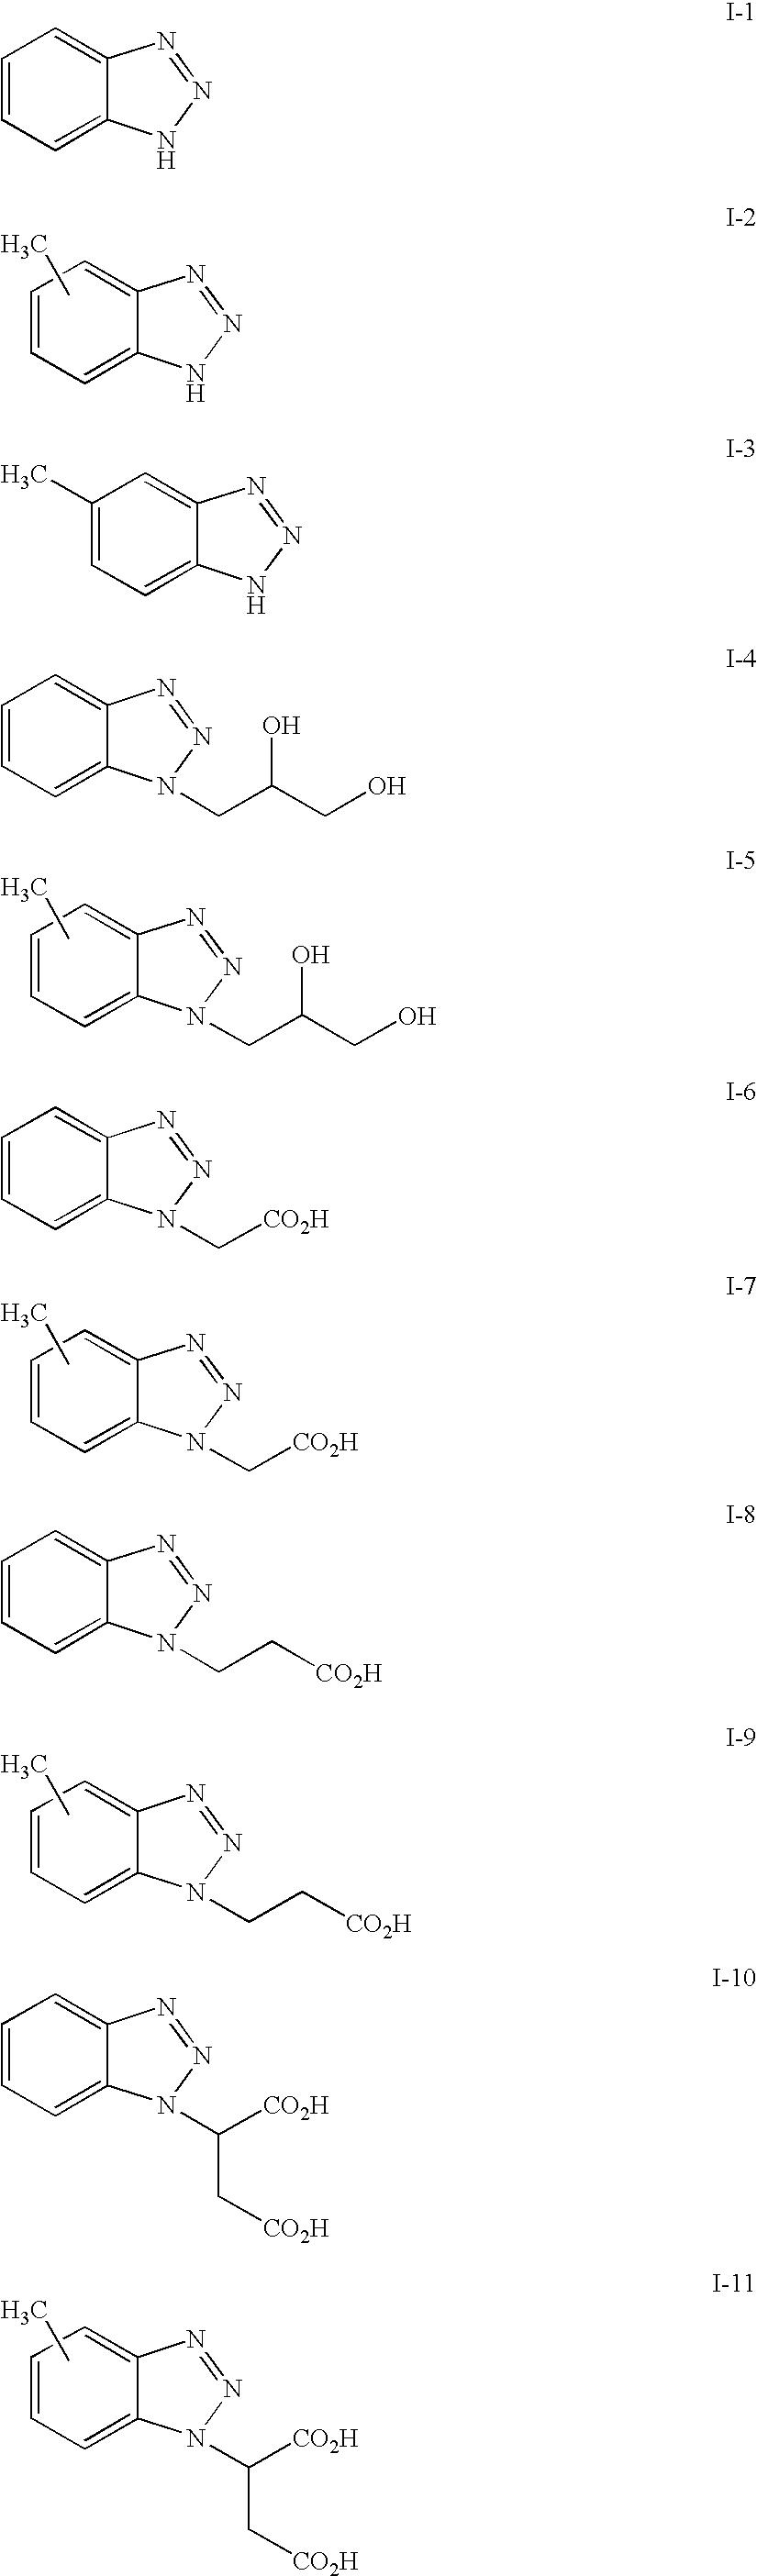 Figure US09202709-20151201-C00002